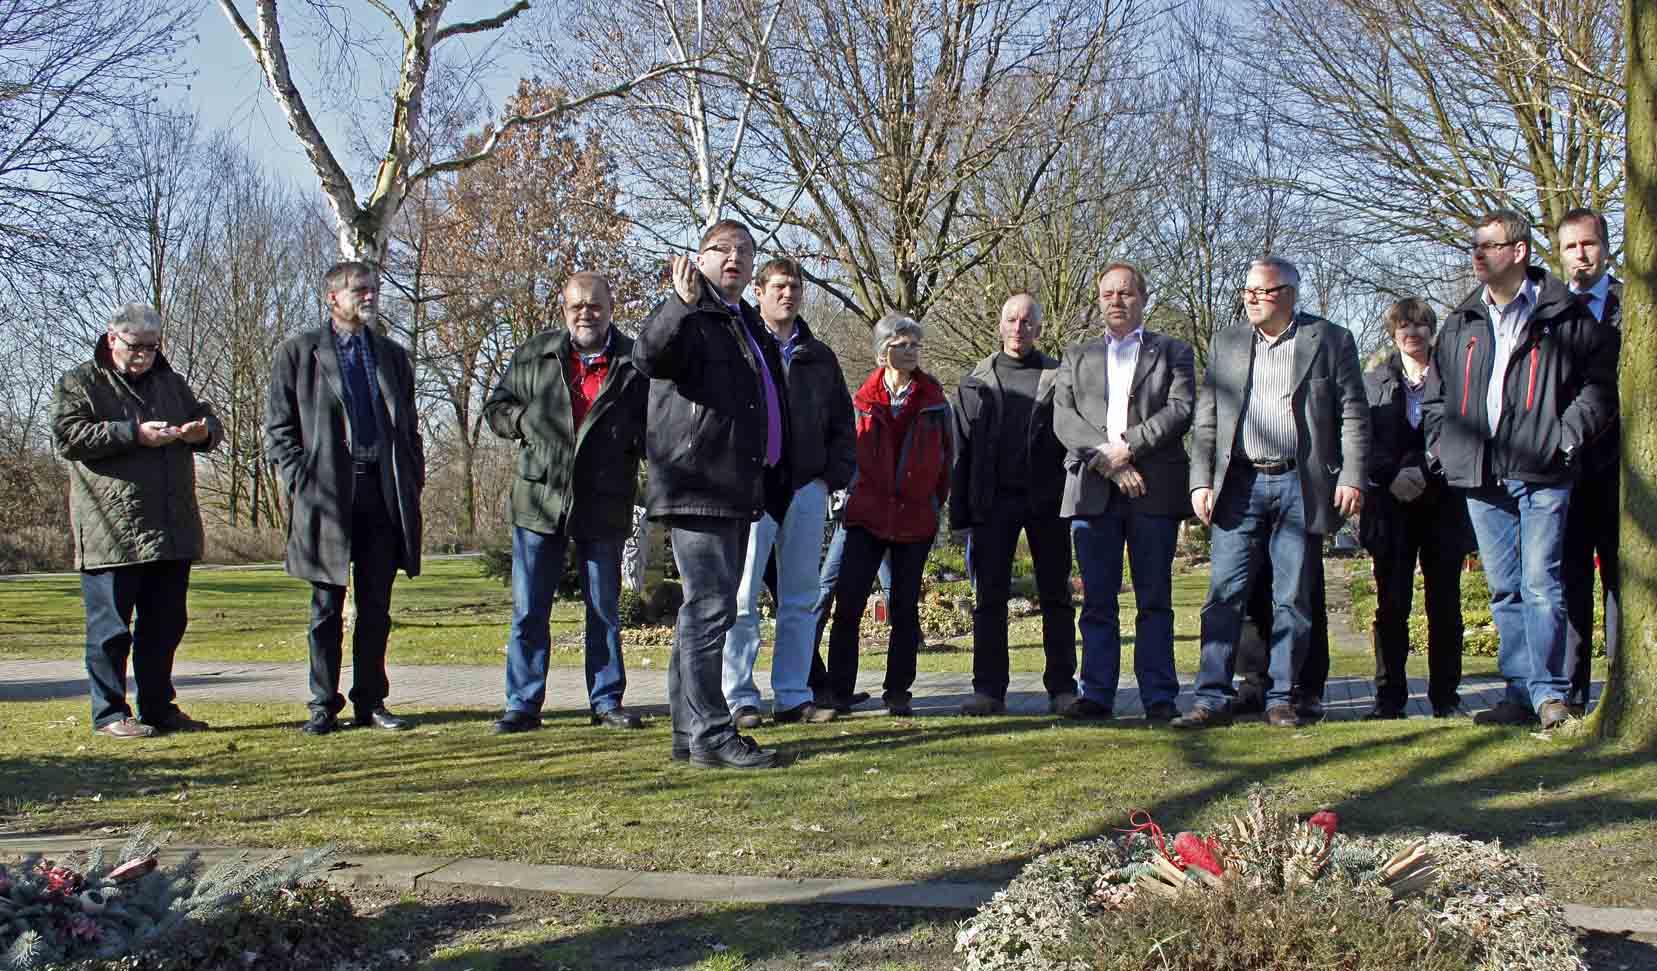 FGG Geschäftsführer Andreas Mäsing erklärt den Fachbesuchern um Präsident Rüskamp die Besonderheiten